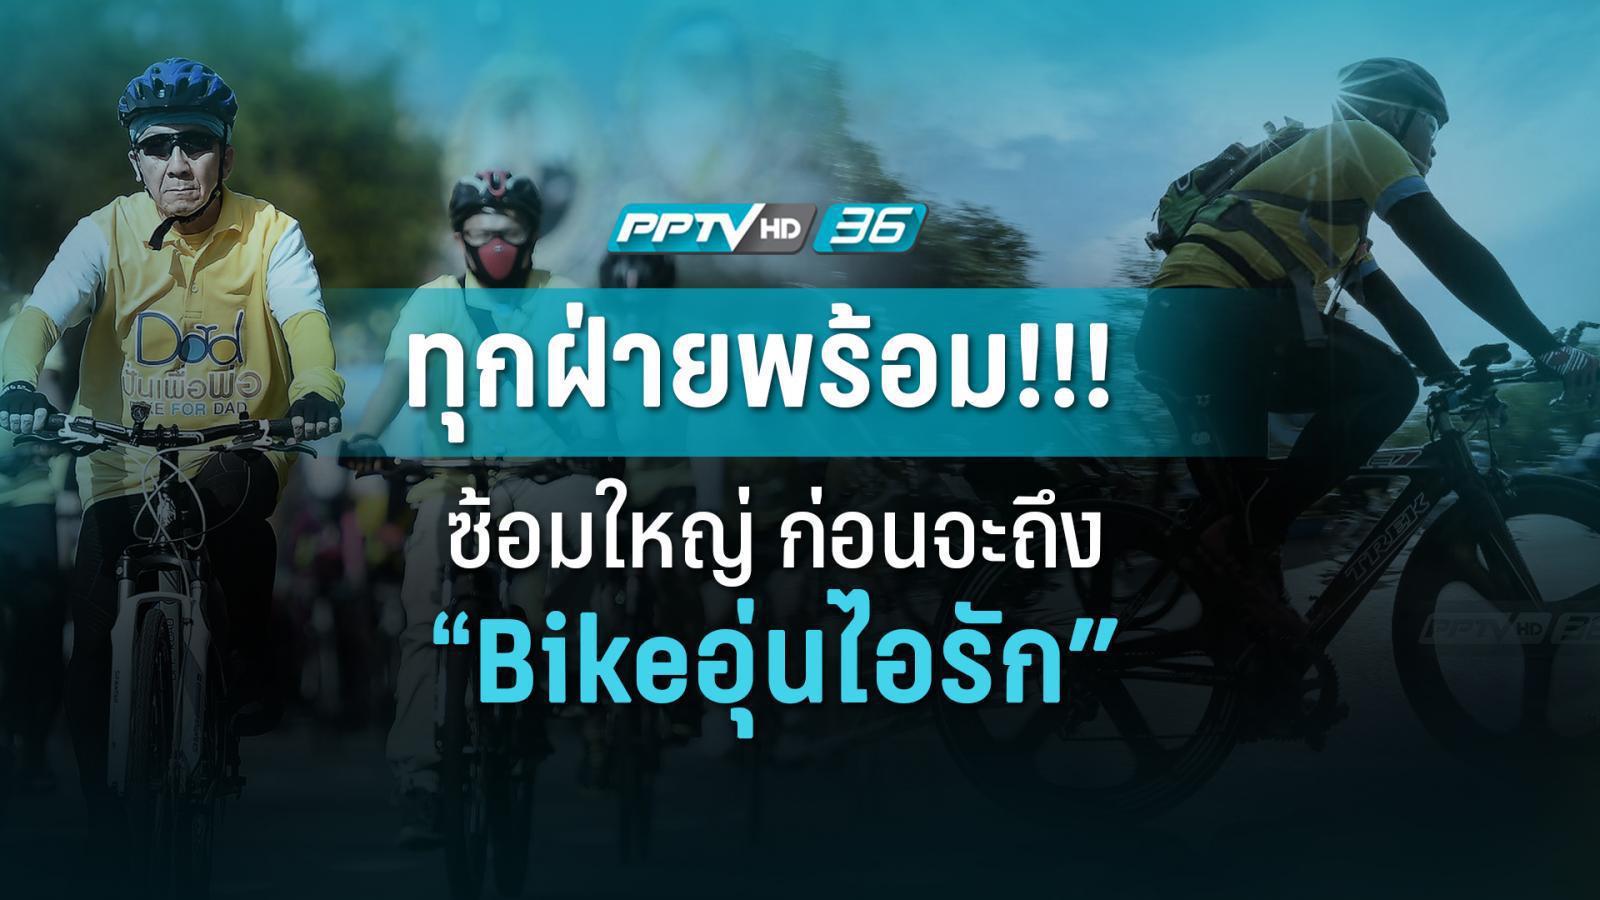 """ทุกฝ่ายพร้อม !!!   ซ้อมใหญ่  ก่อนจะถึง """"Bikeอุ่นไอรัก"""""""